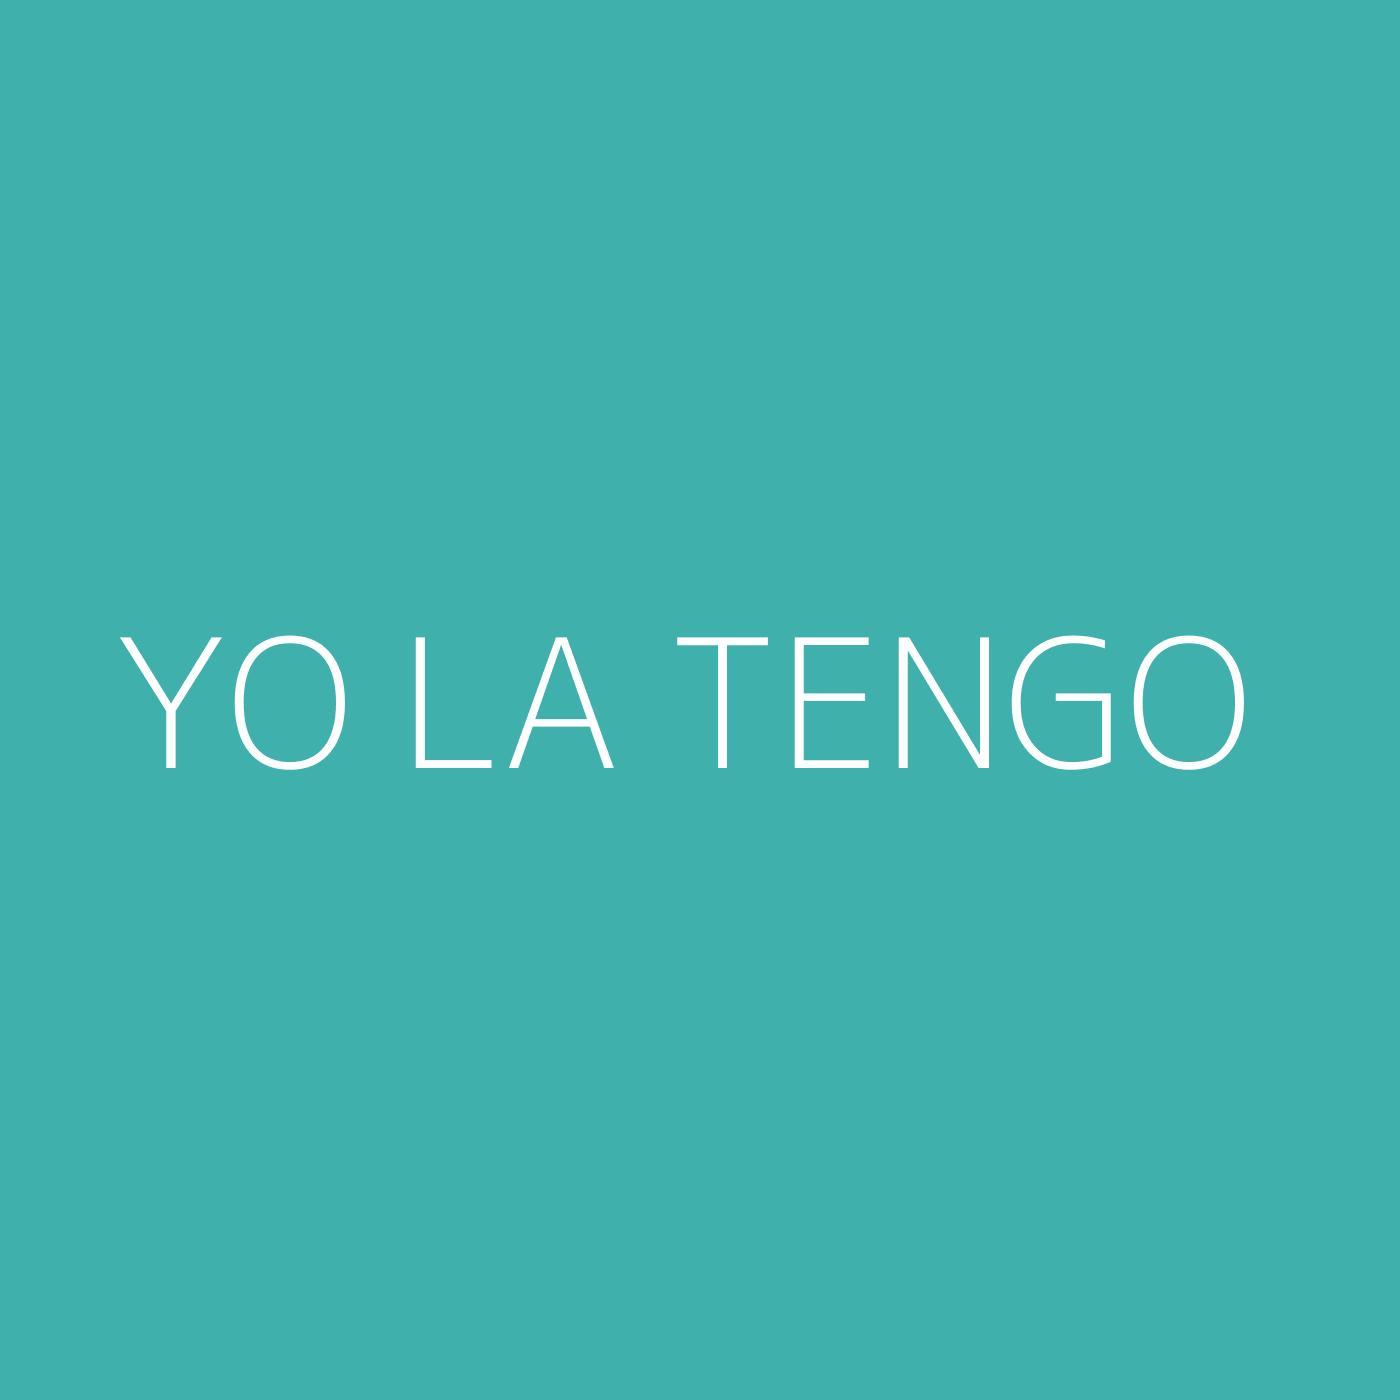 Yo La Tengo Playlist Artwork